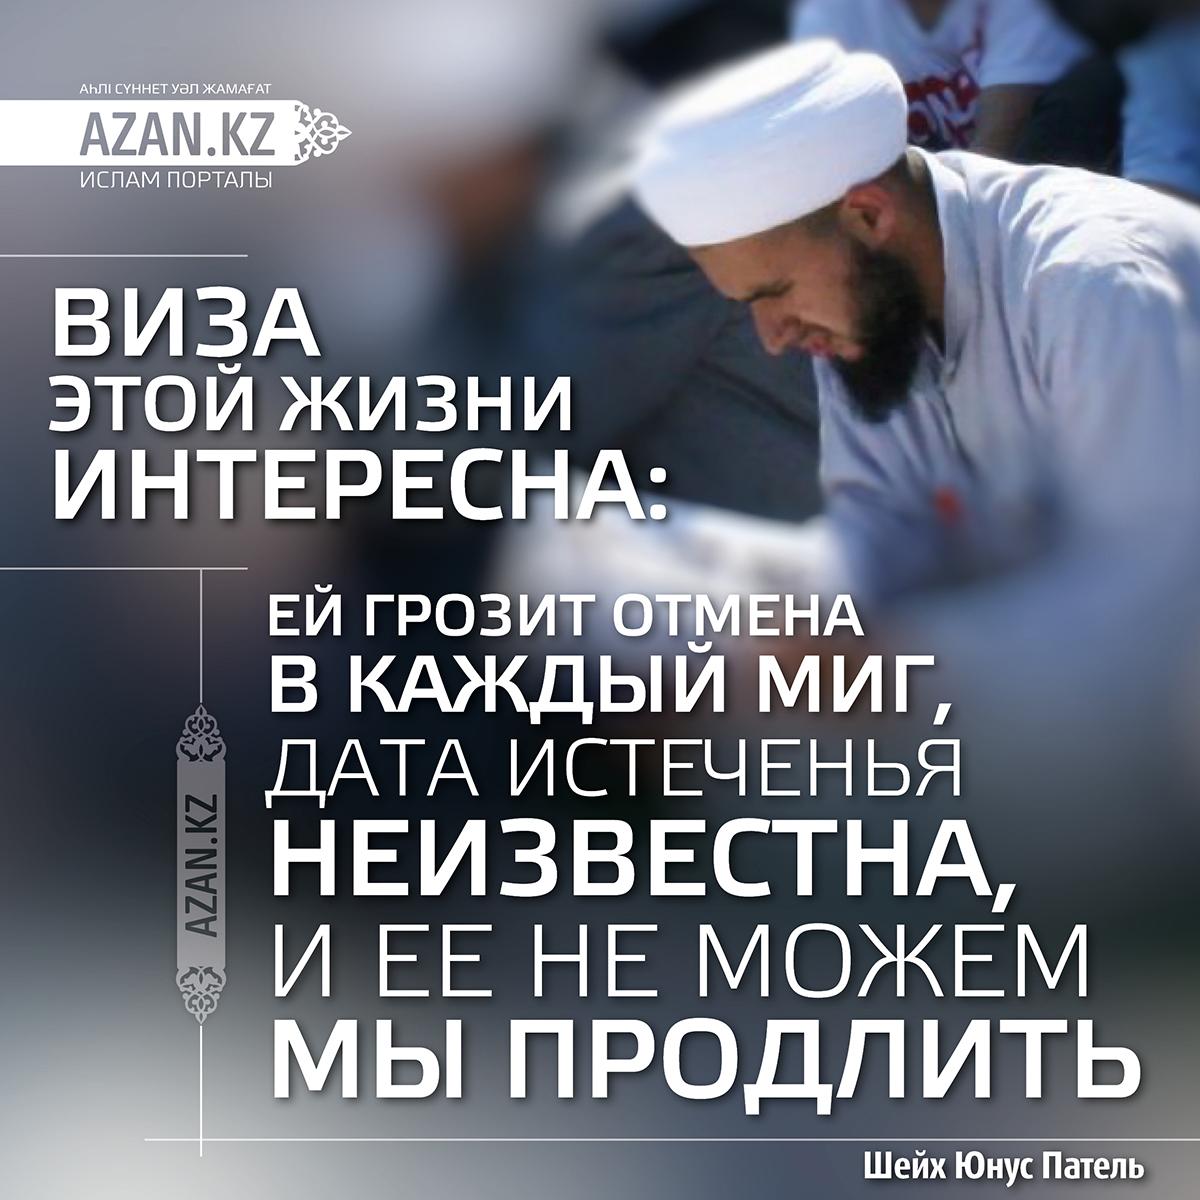 Картинки с исламскими высказываниями, надписями новые